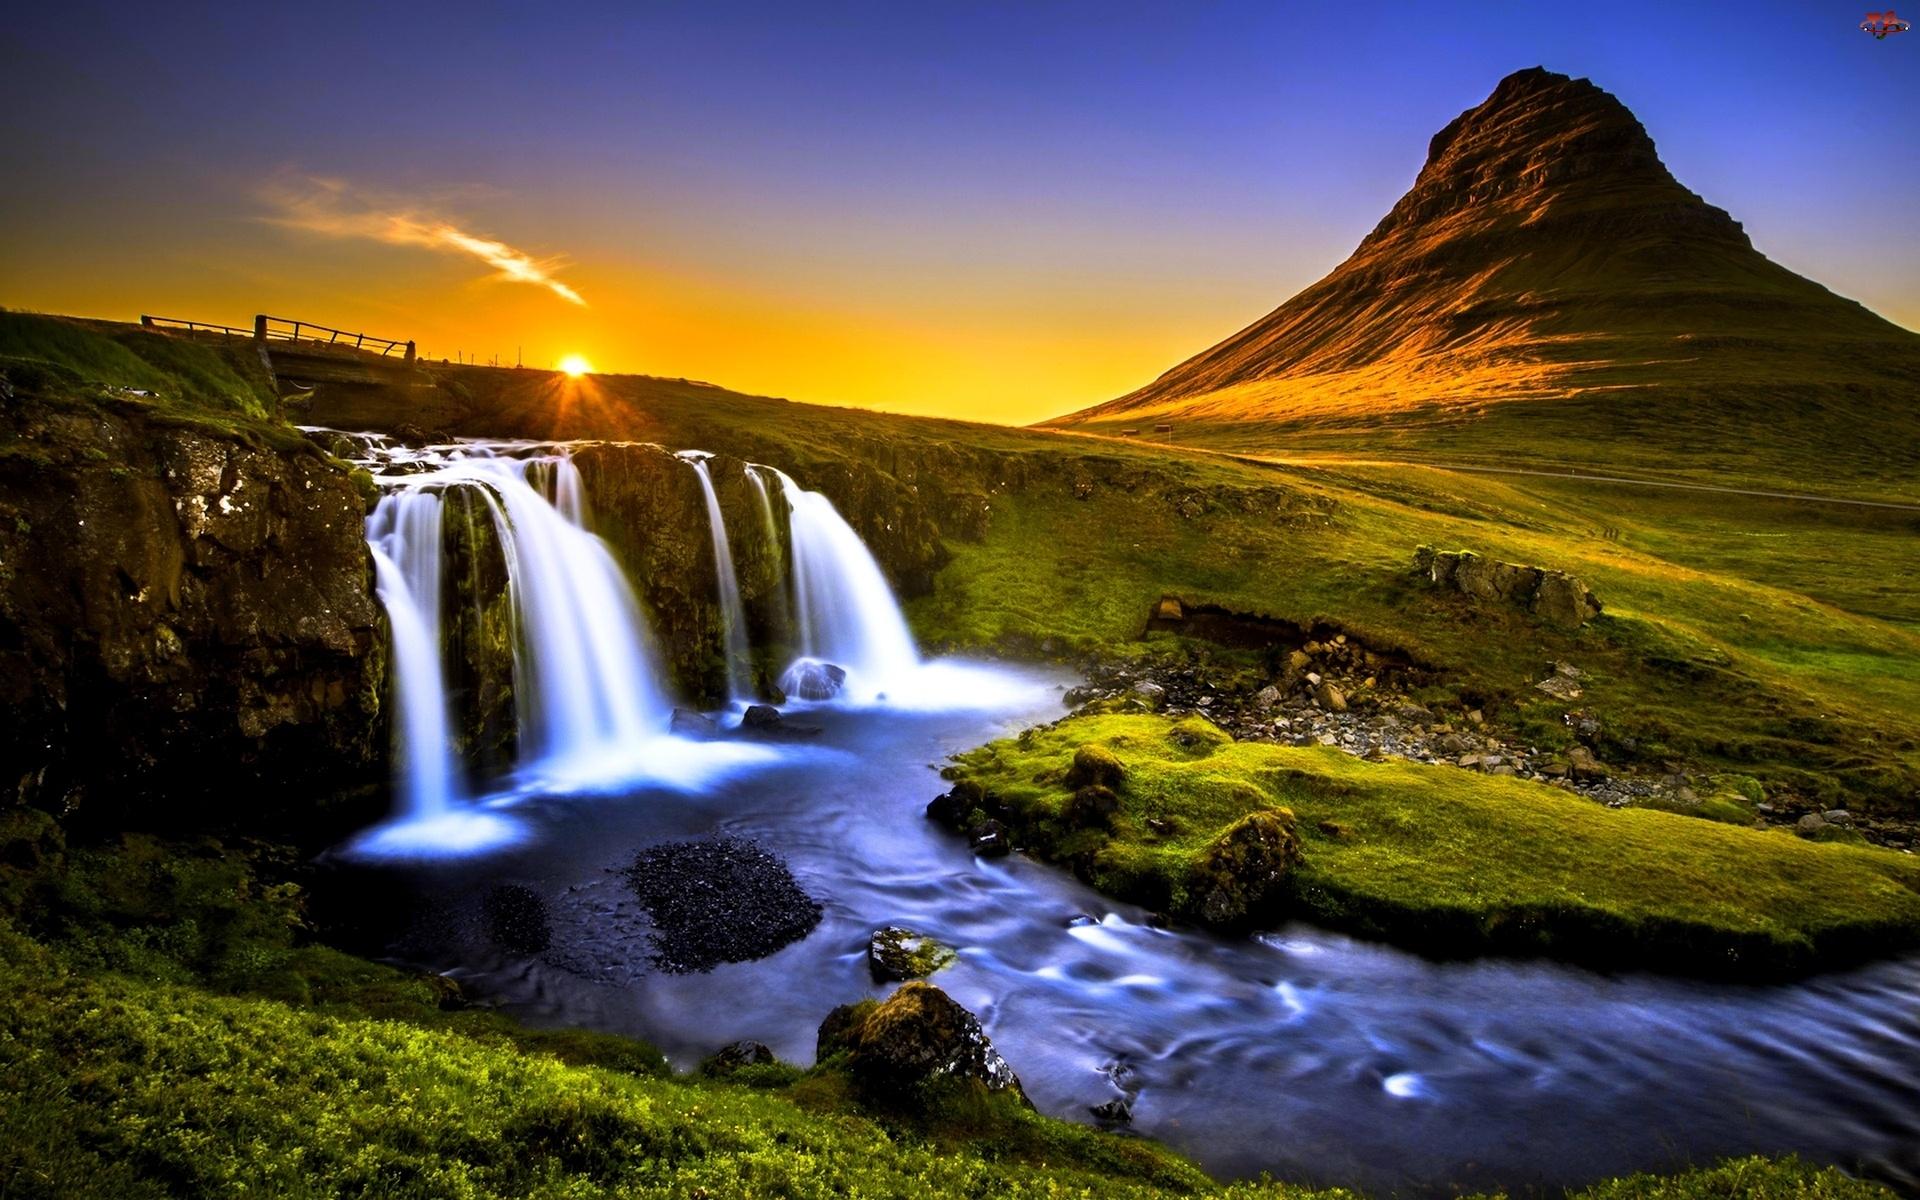 Zachód słońca , Rzeka, Góra Kirkjufell, Islandia, Góry, Wodospad Kirkjufellsfoss, Kamienie